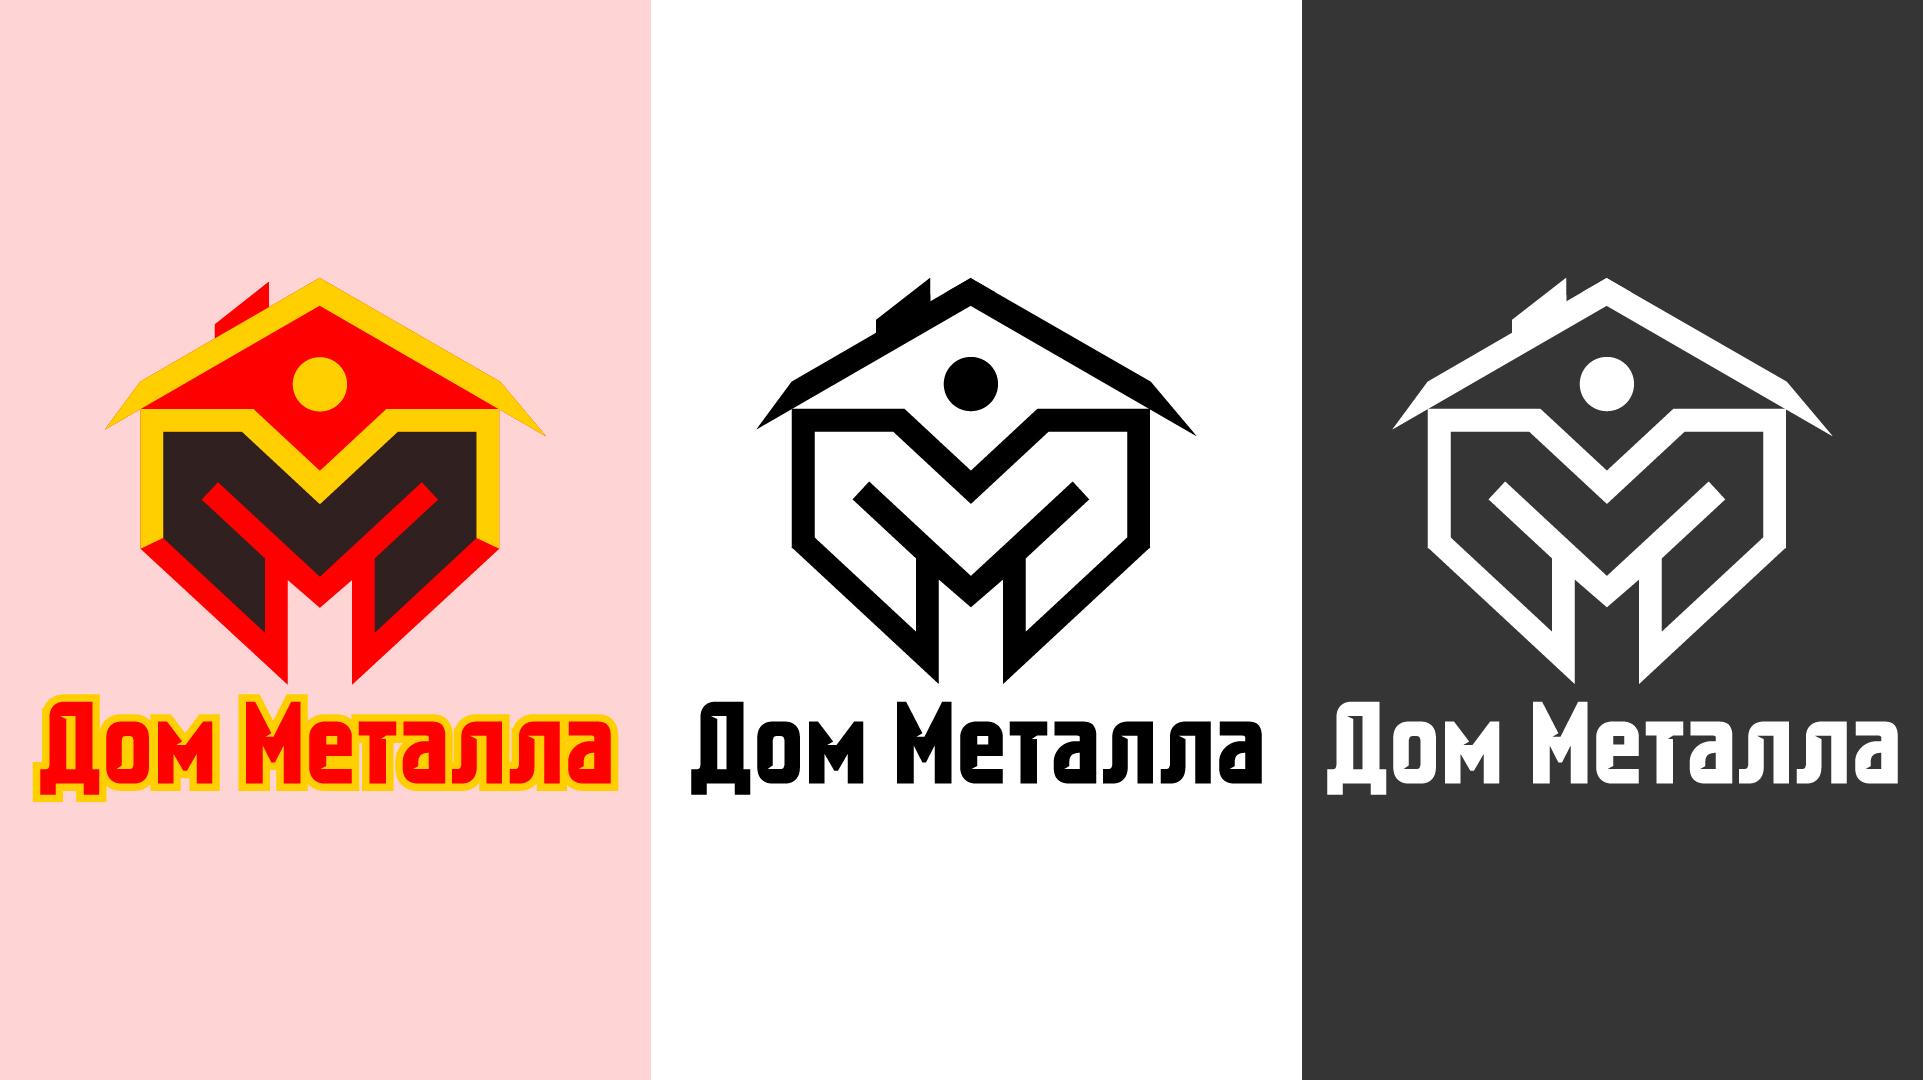 Разработка логотипа фото f_2575c5c4a2b8b1fd.jpg